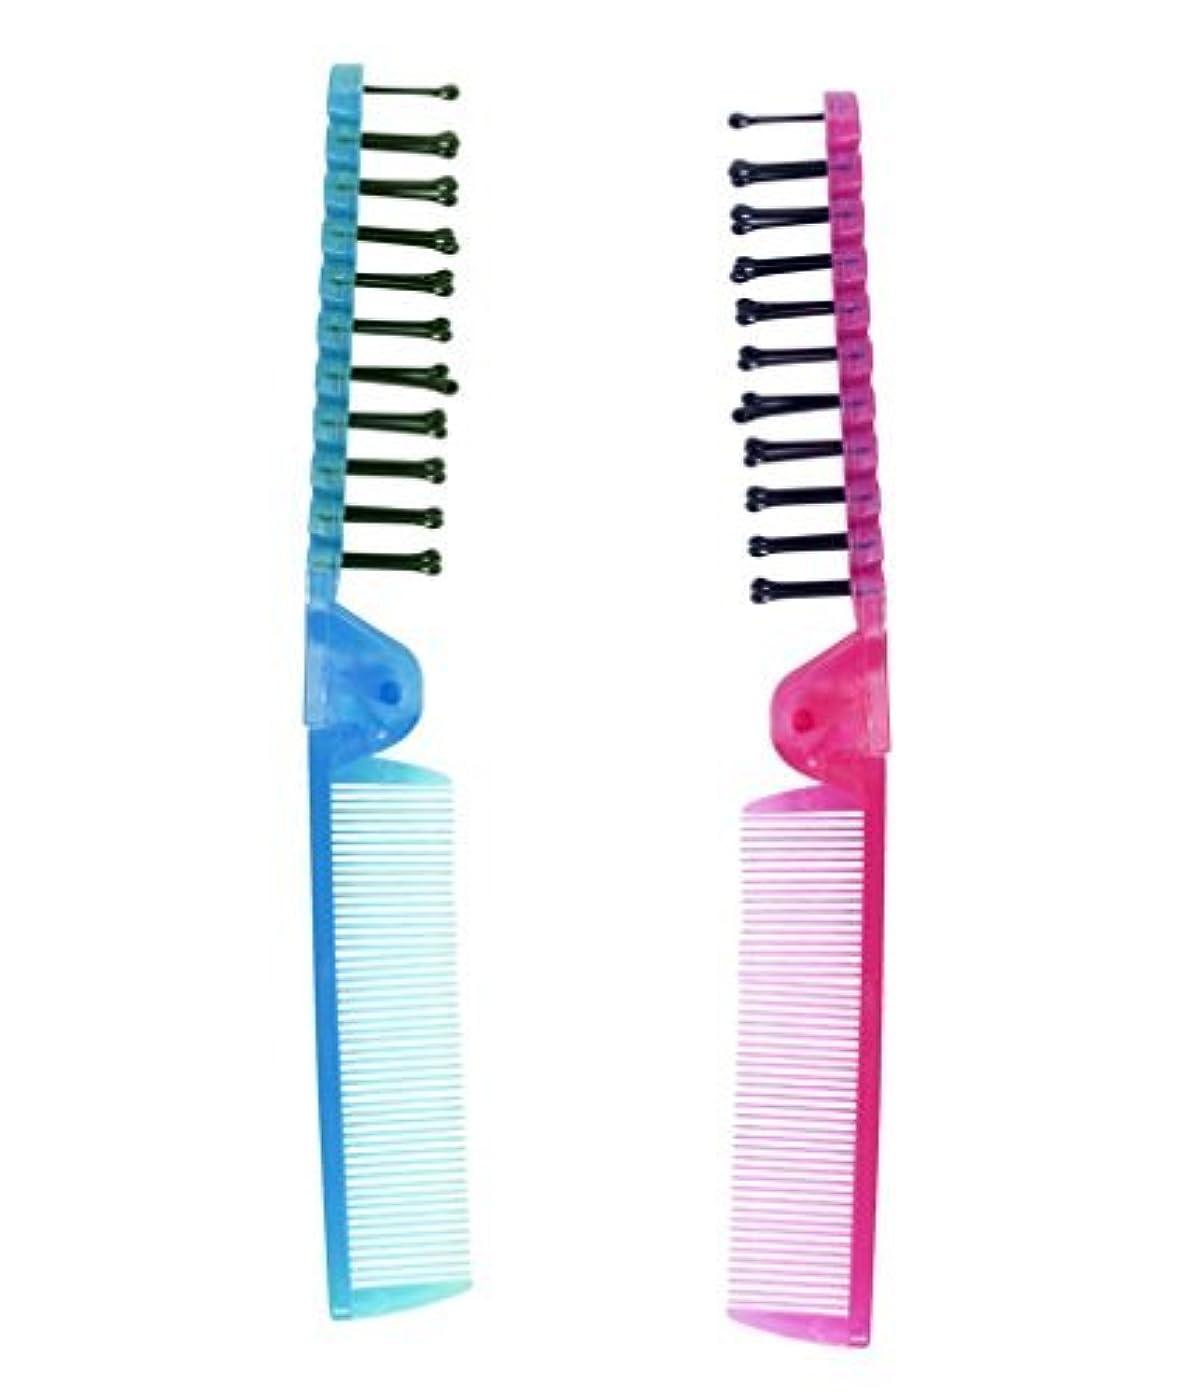 甥原点裂け目LaMi Foldable Travel Brush and Comb Set, 2 Count per Pack - 2 Packs [並行輸入品]